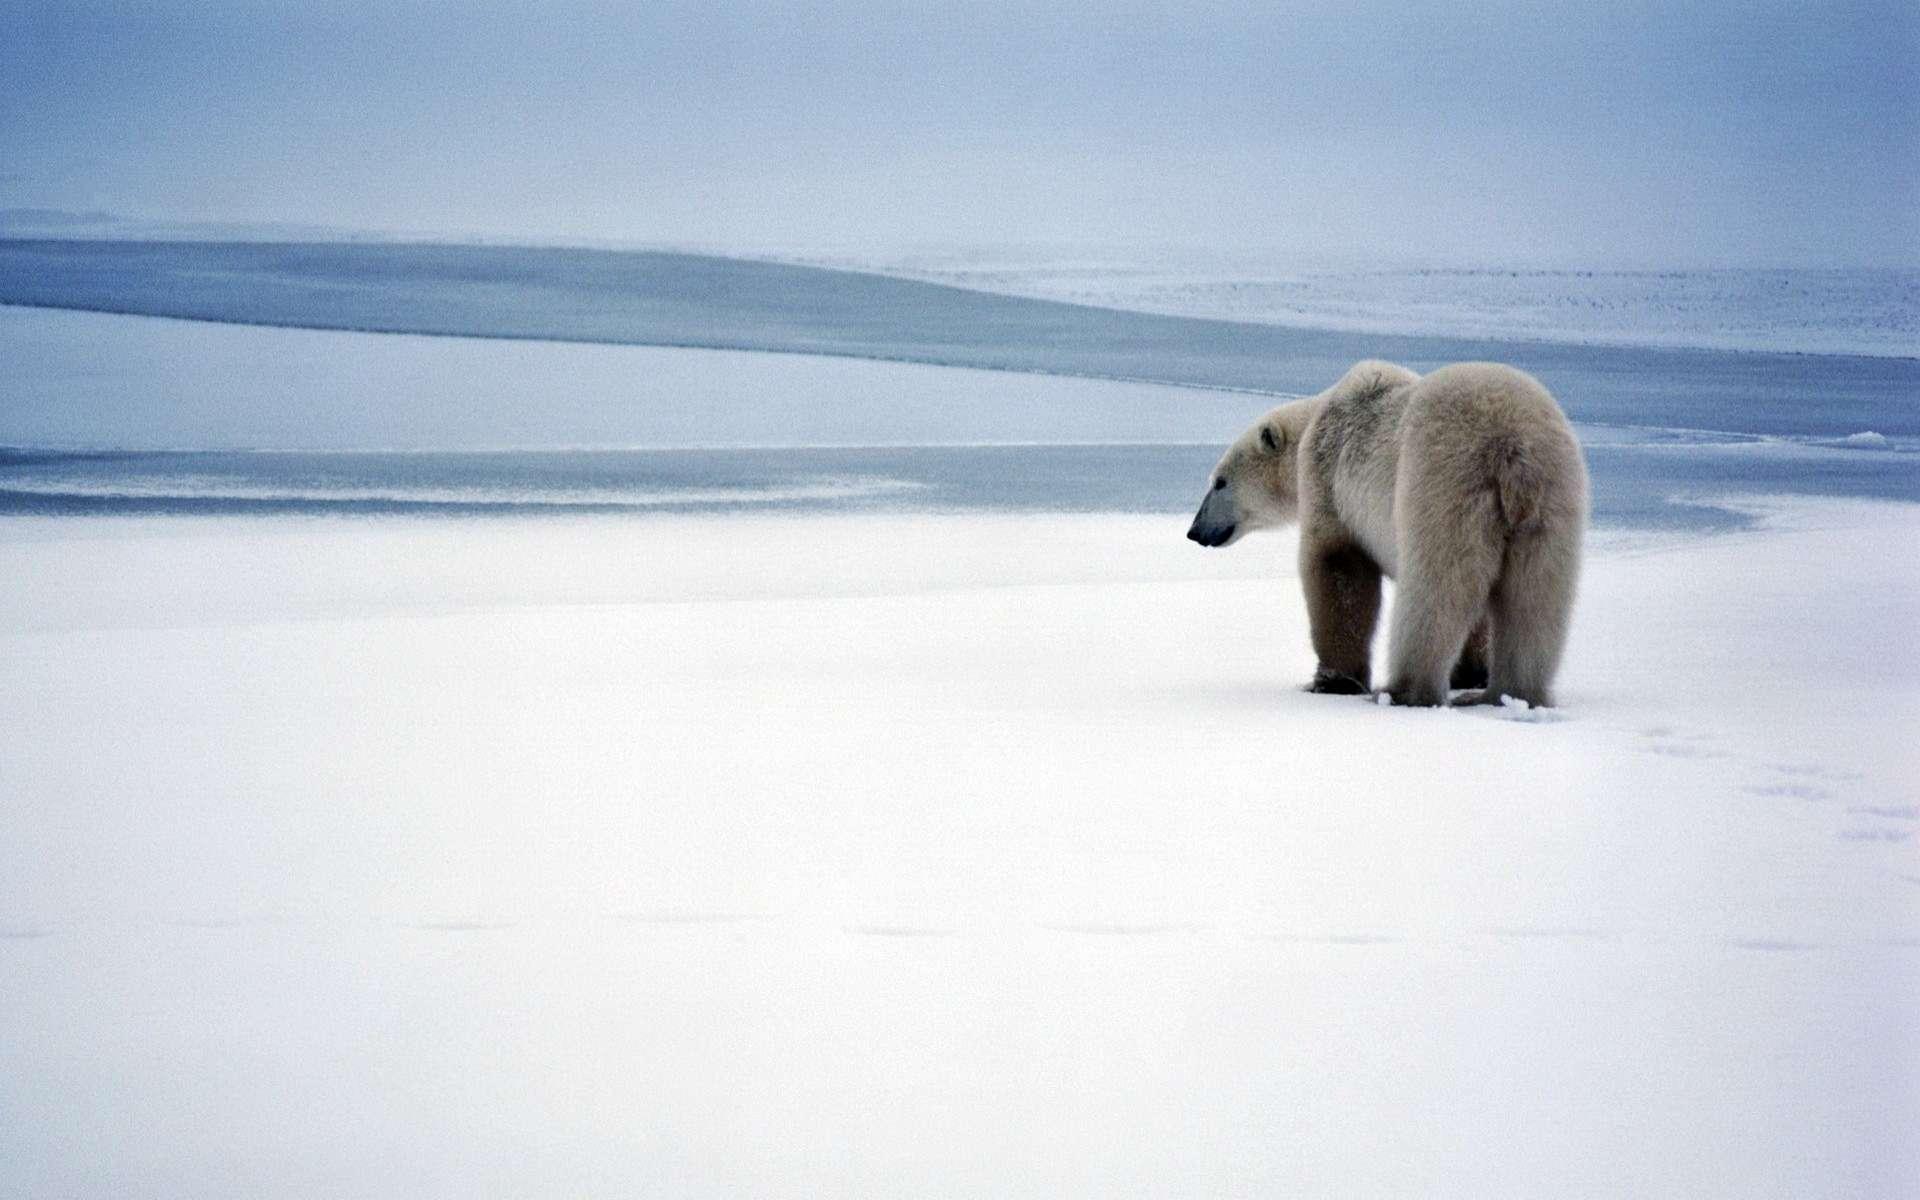 tải ảnh gấu bắc cực về desktop